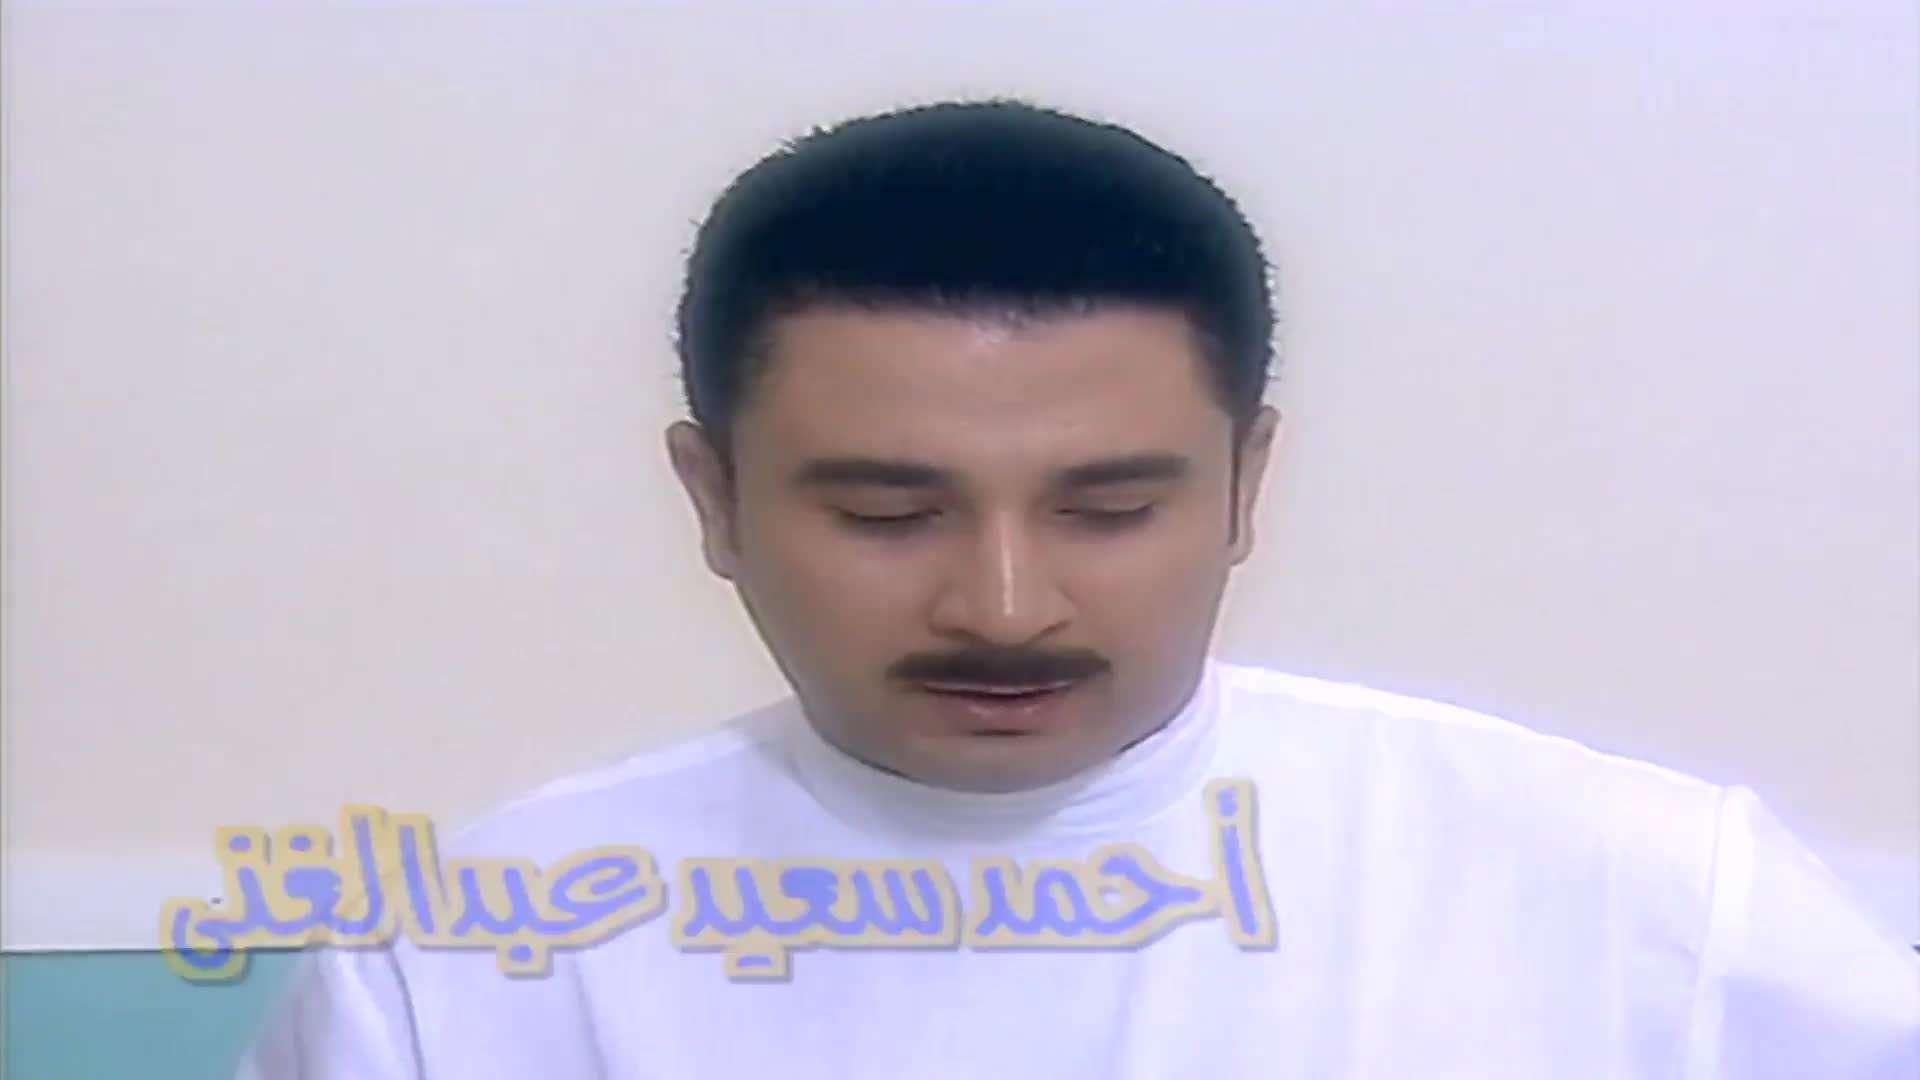 مسلسل حديث الصباح والمساء 2001 1080p تحميل تورنت